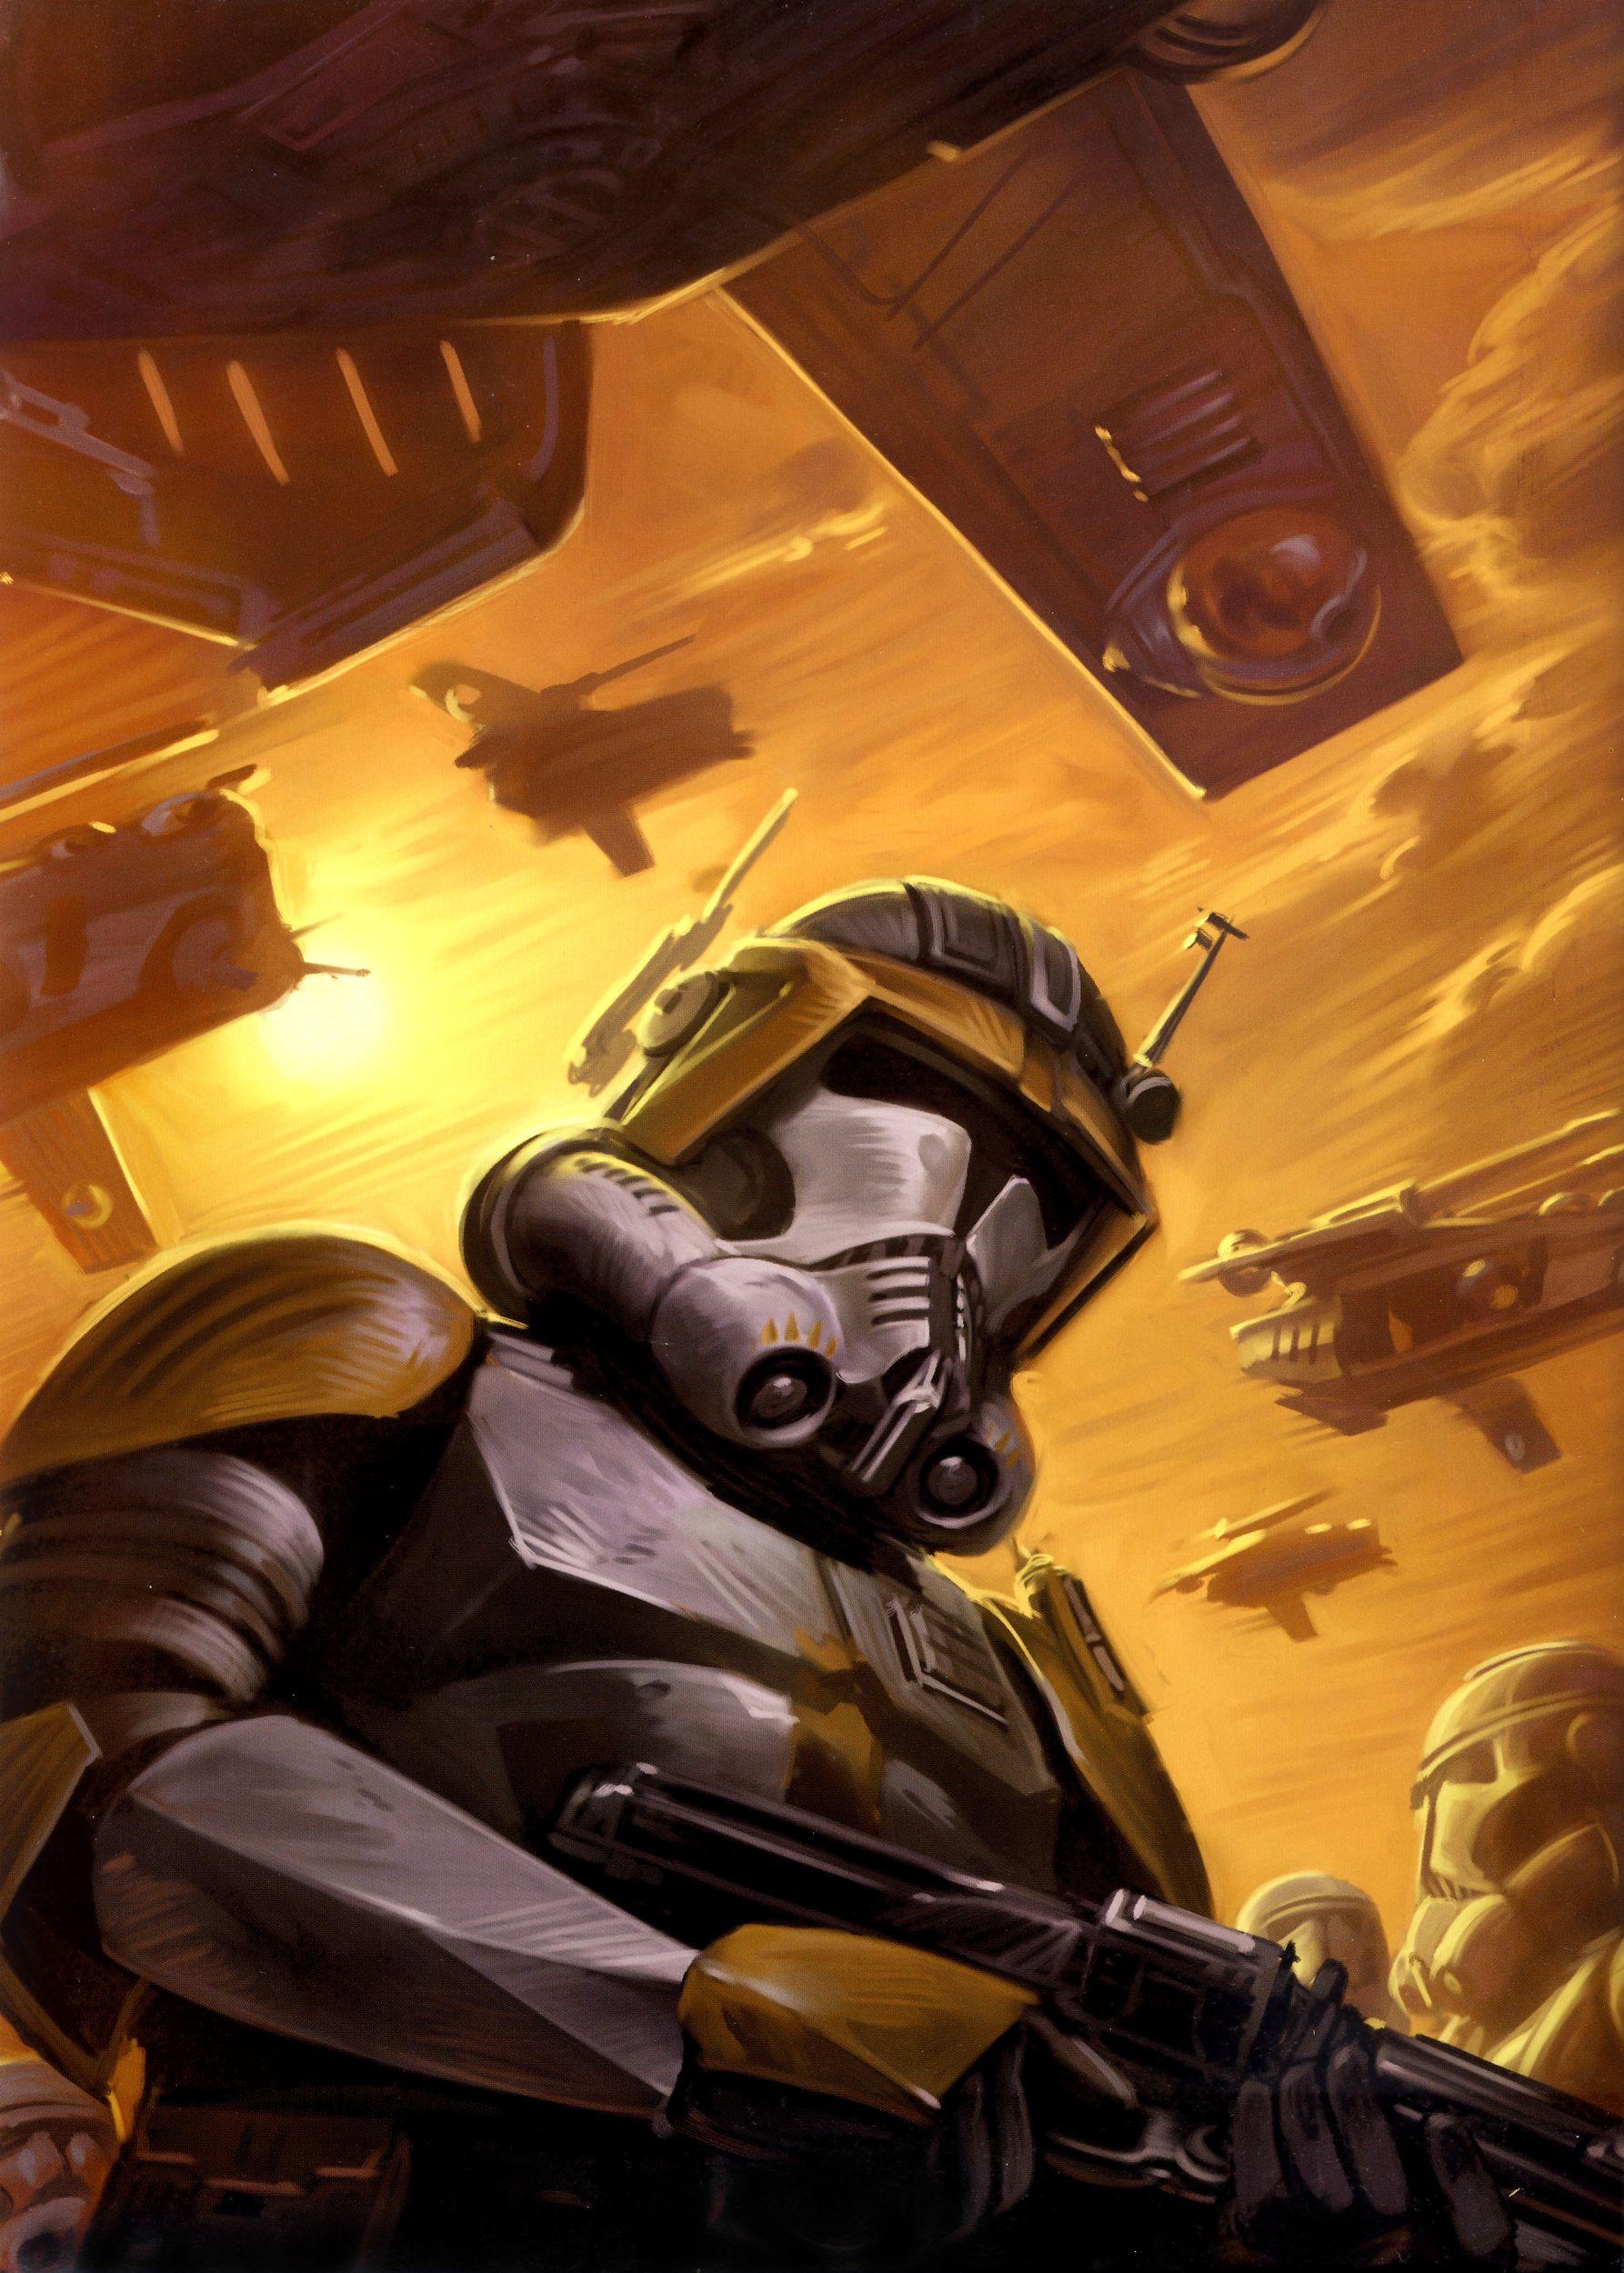 Pin By John Eagen On Star Wars Republic Star Wars Images Star Wars Painting Star Wars Canvas Art